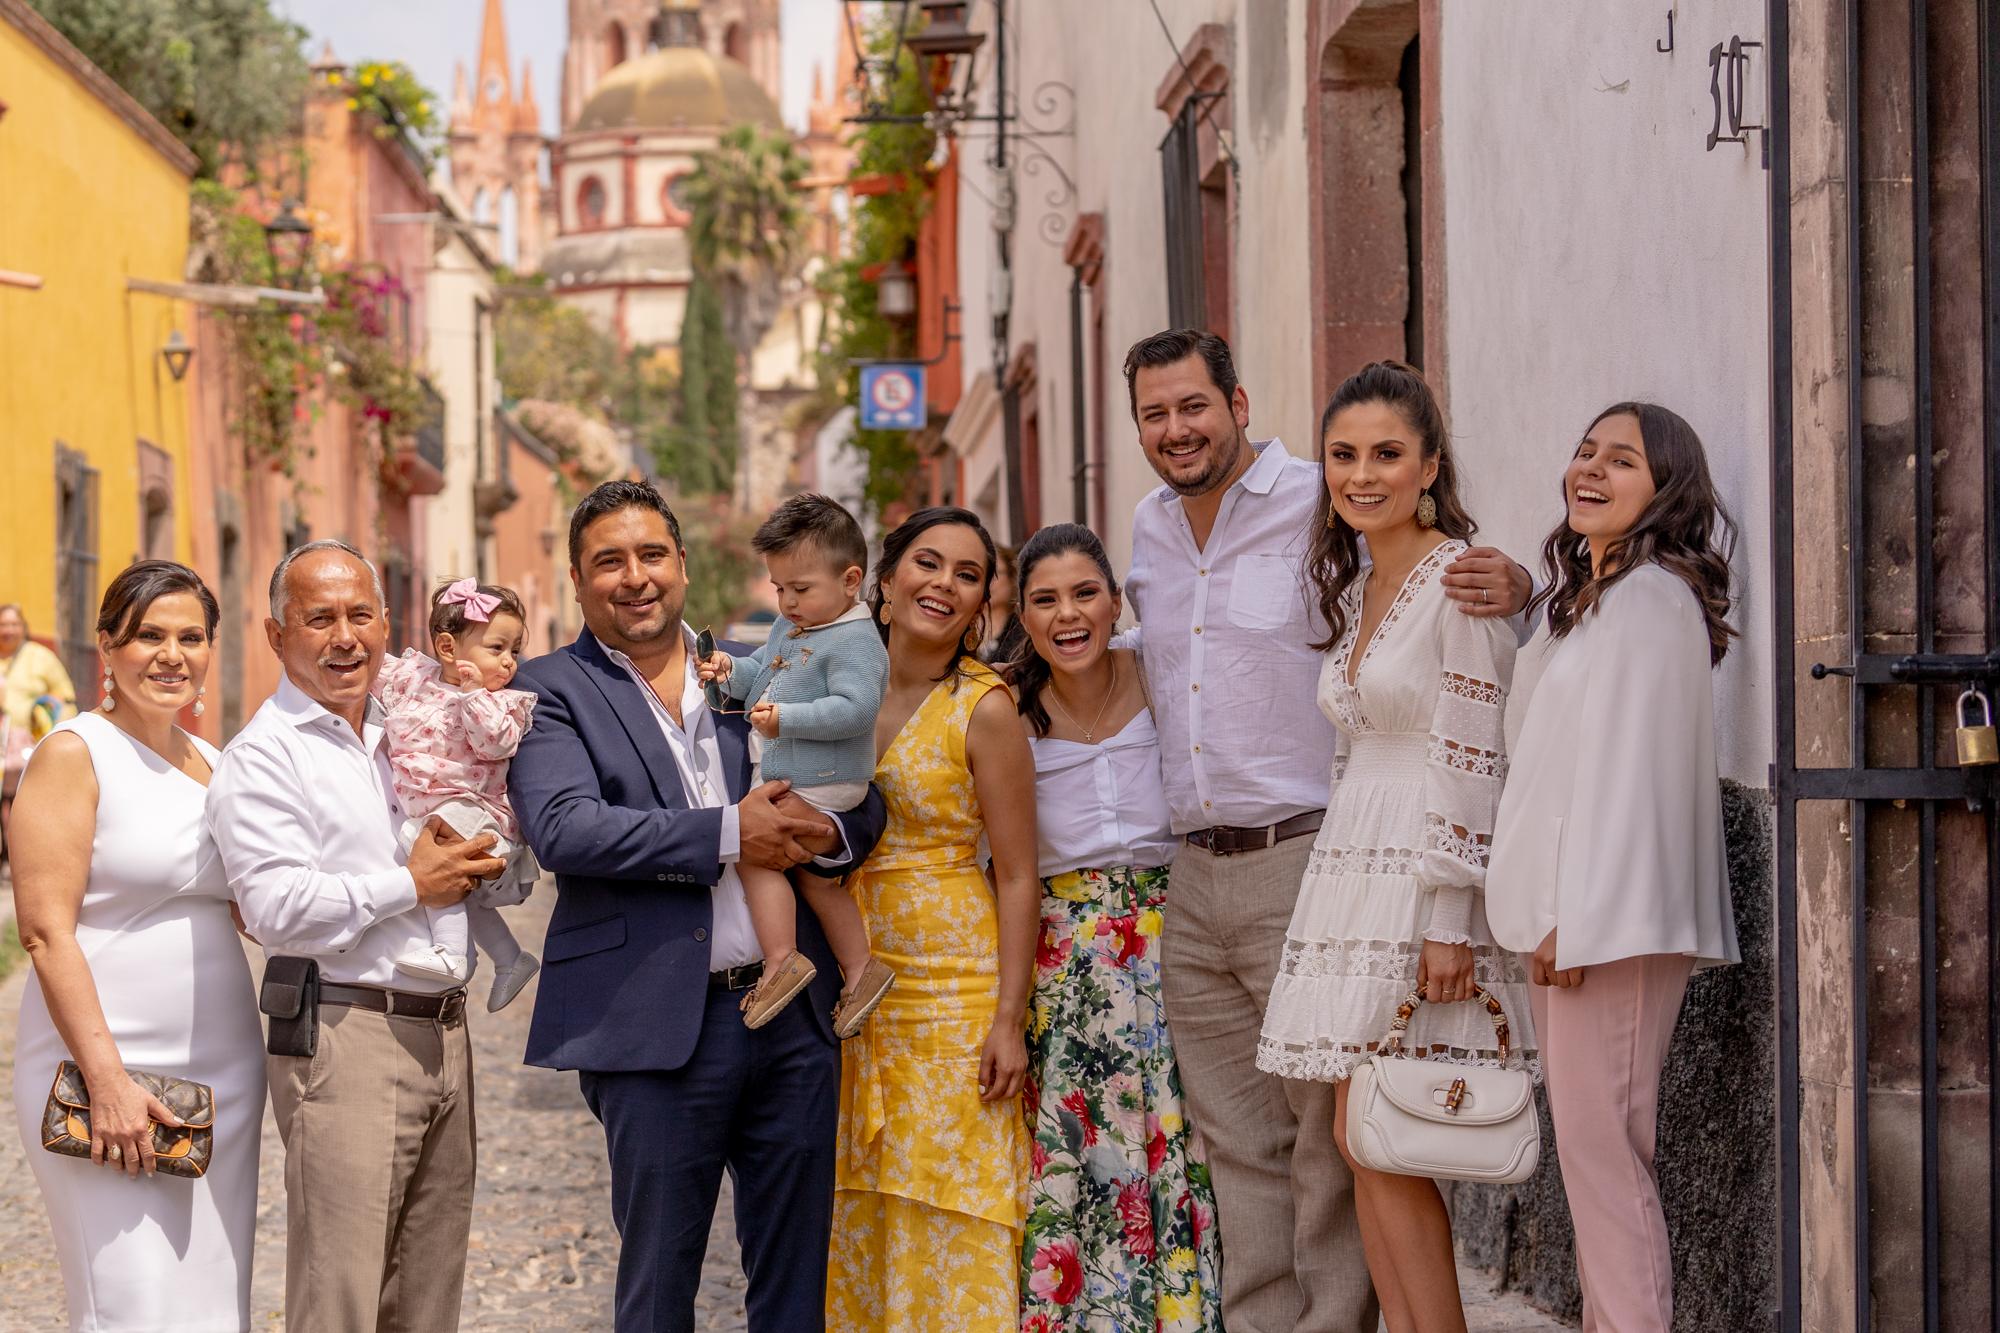 Sesion de Fotos en Rosewood San Migue de Allende del Bautizo de Alfonso-37.jpg